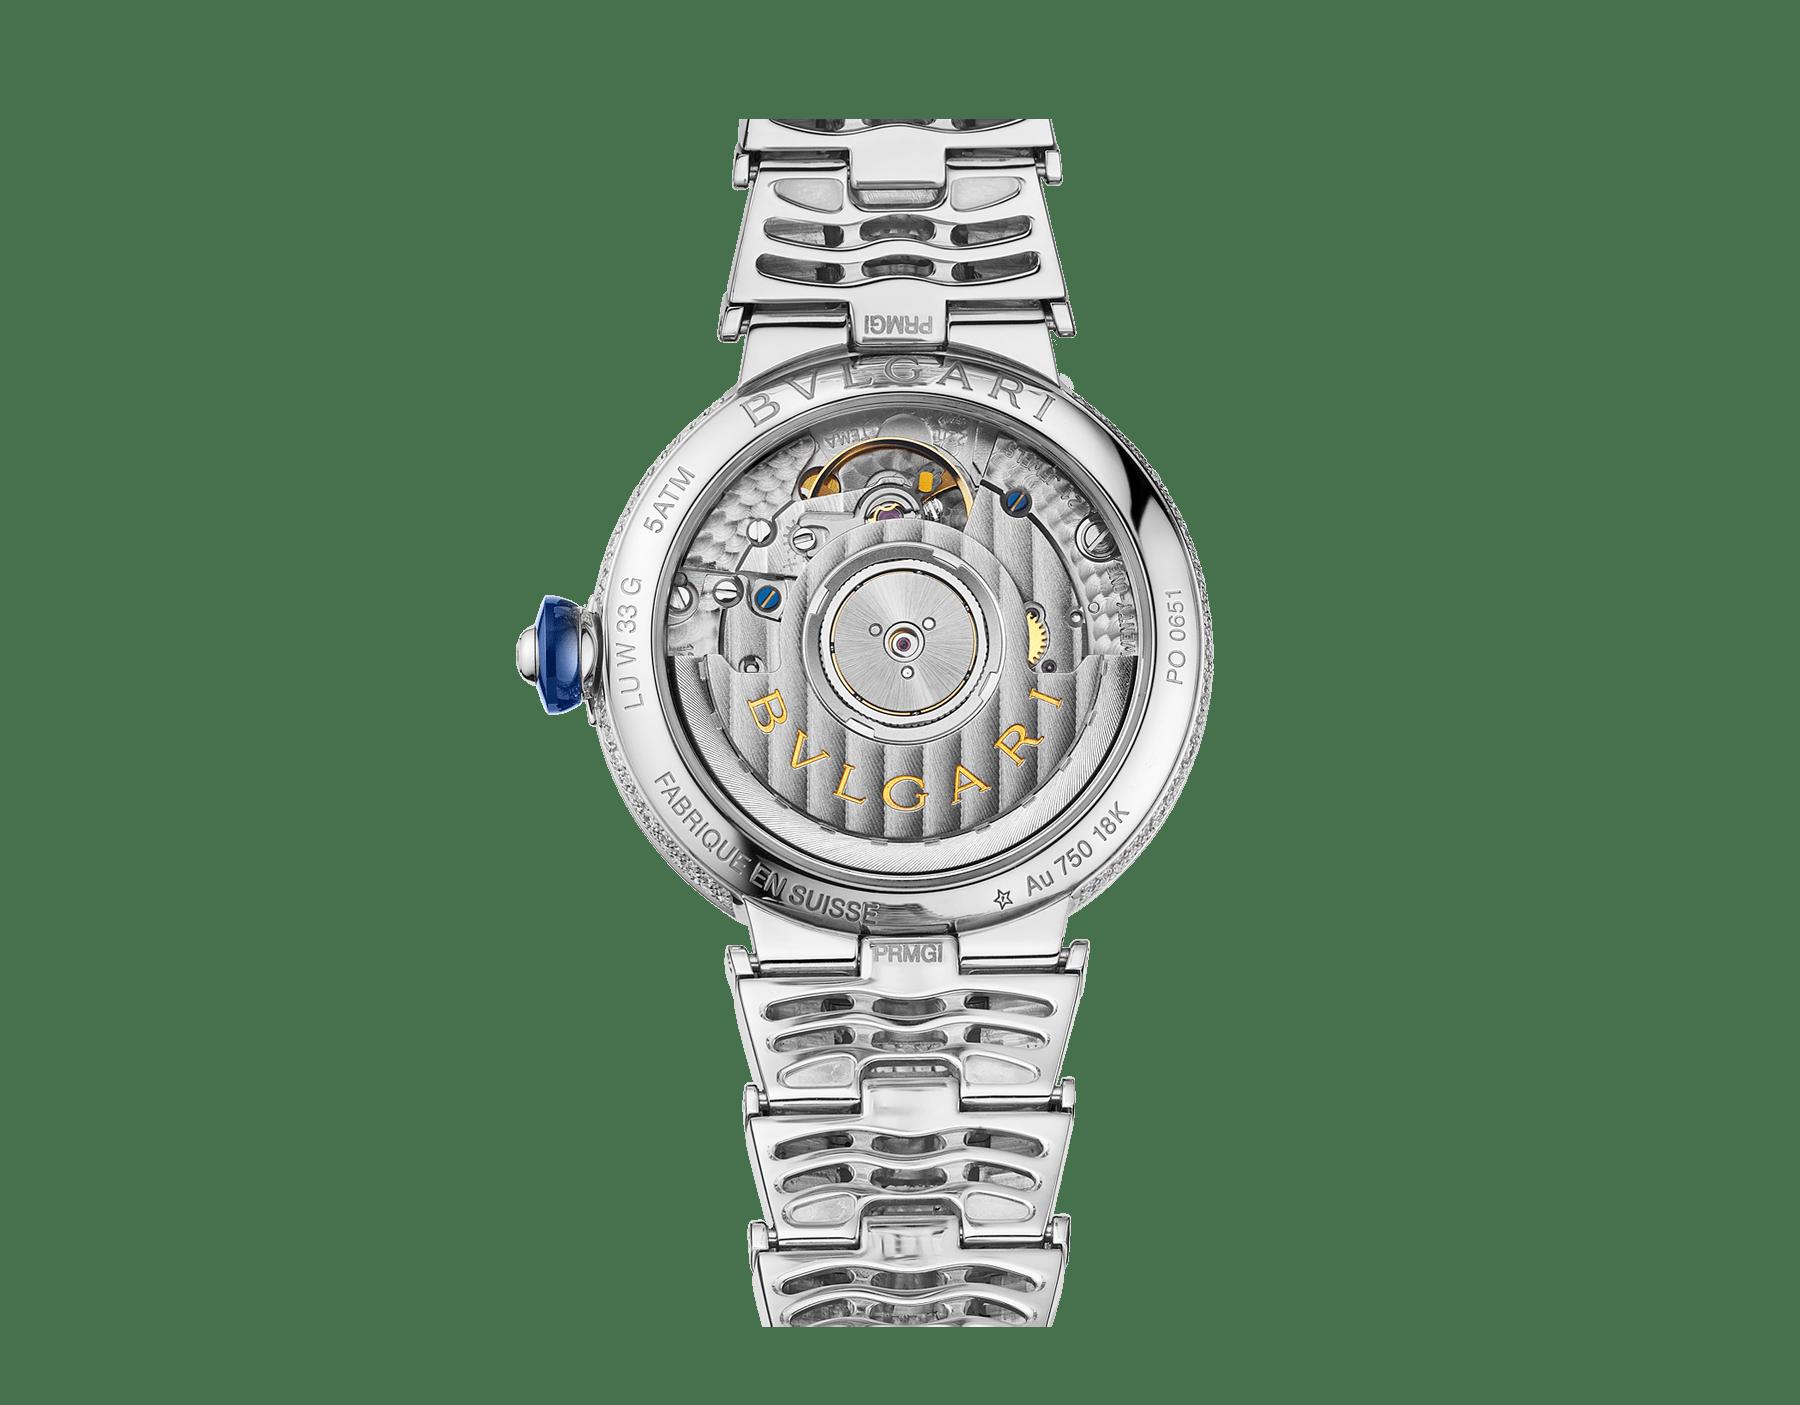 LVCEA Uhr mit Gehäuse und Armband aus 18Karat Weißgold mit Diamanten im Brillantschliff und Zifferblatt voll ausgefasst mit Diamant-Pavé. 102365 image 4